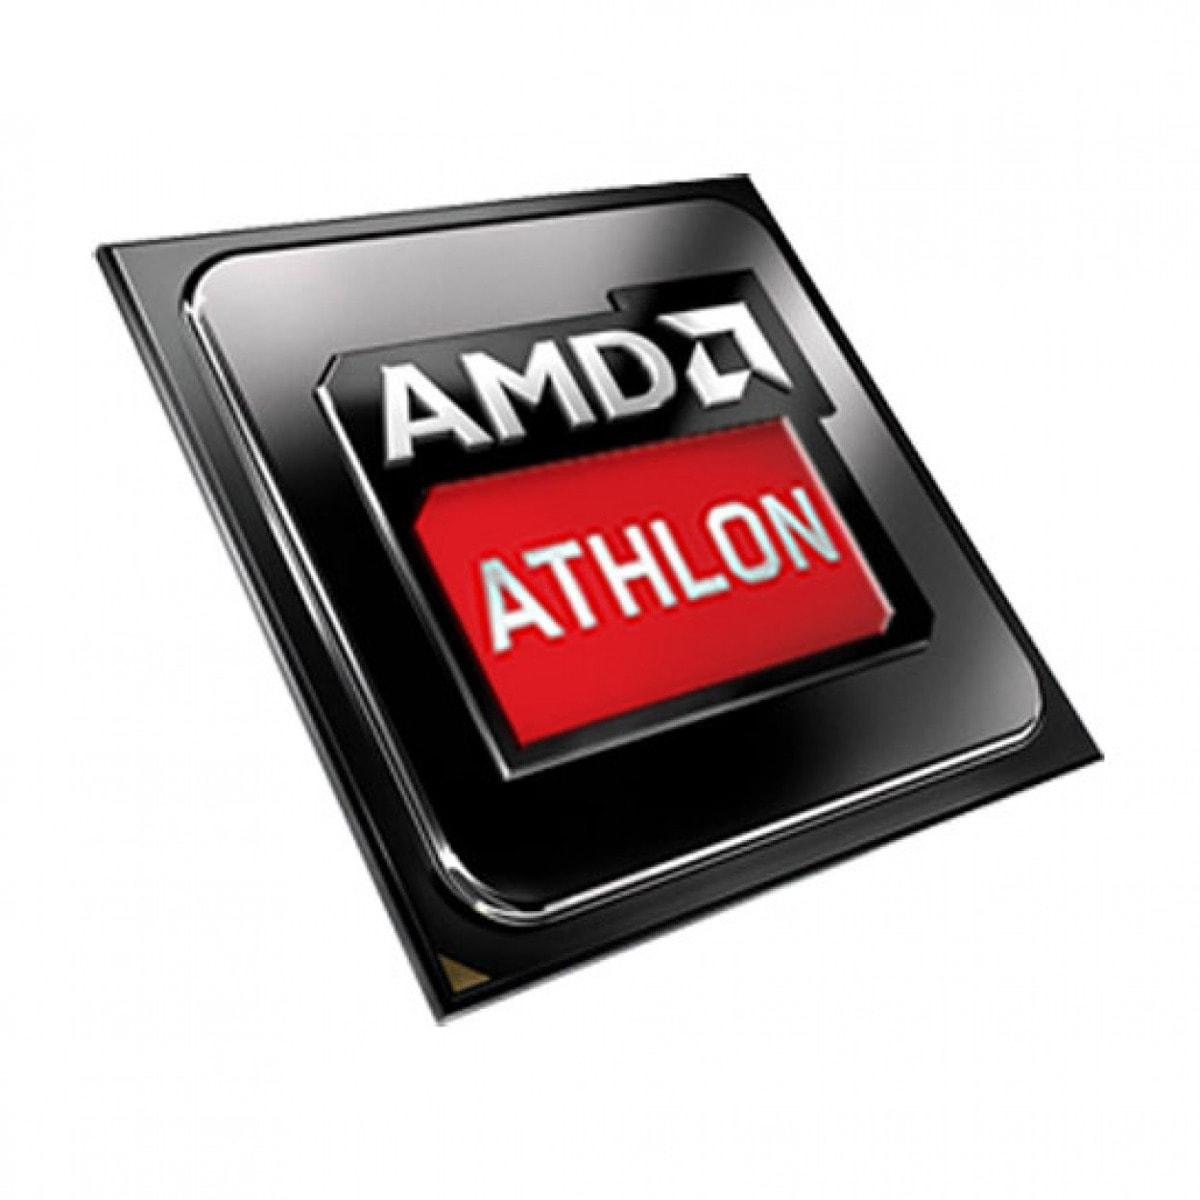 Processador AMD Athlon 3400+ 1M Cache / 2.20 GHz / 800 MHz - Seminovo